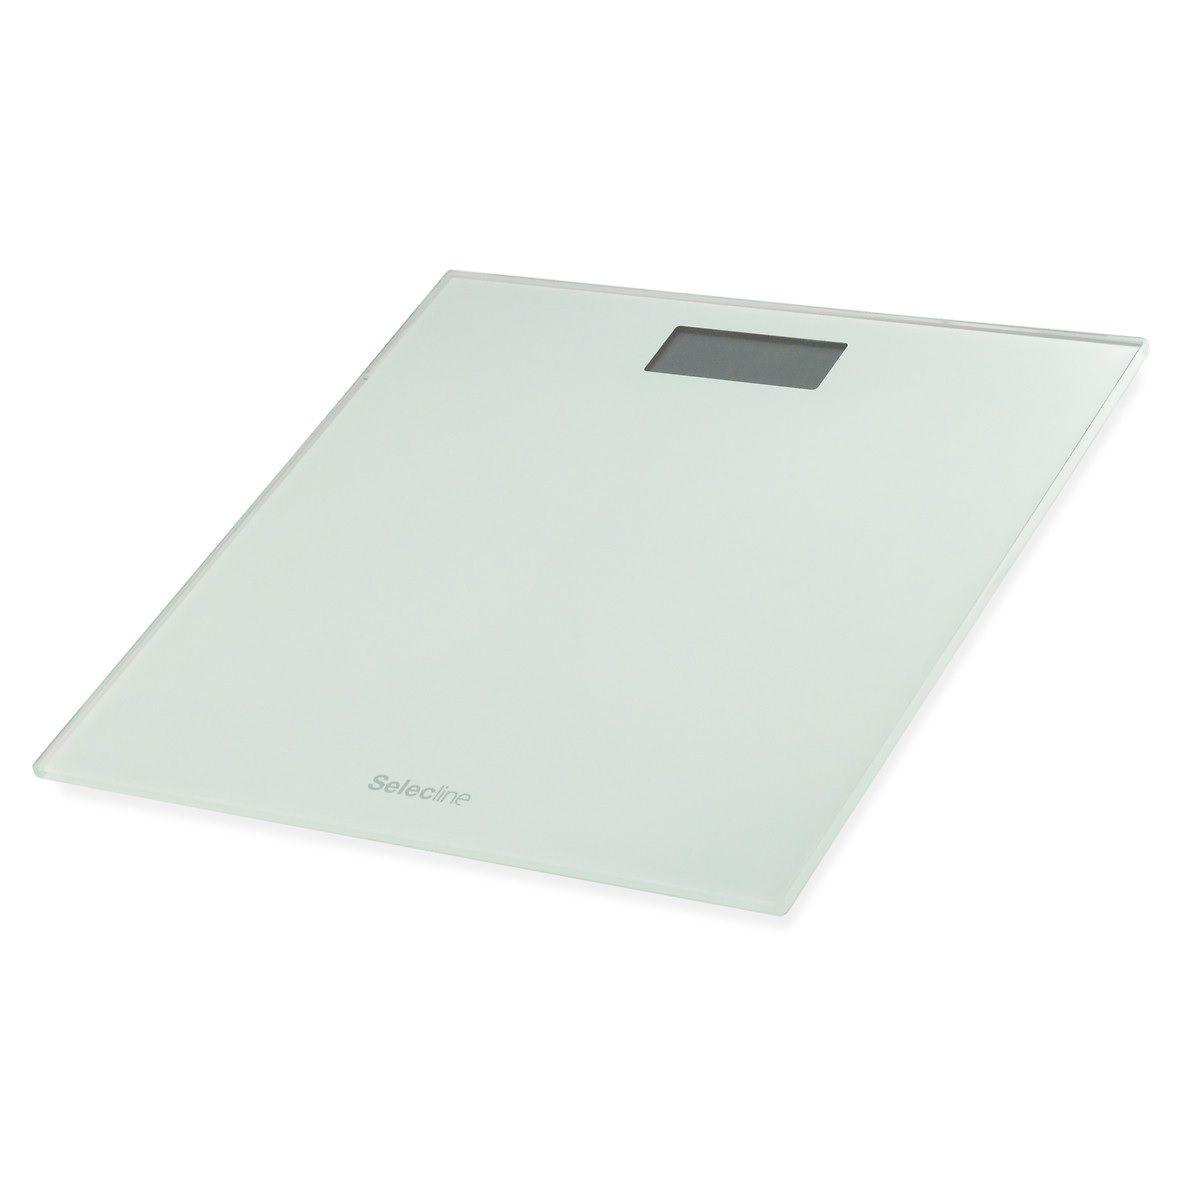 Pèse personne EB1321-WH3, Poids maximal 180 Kg